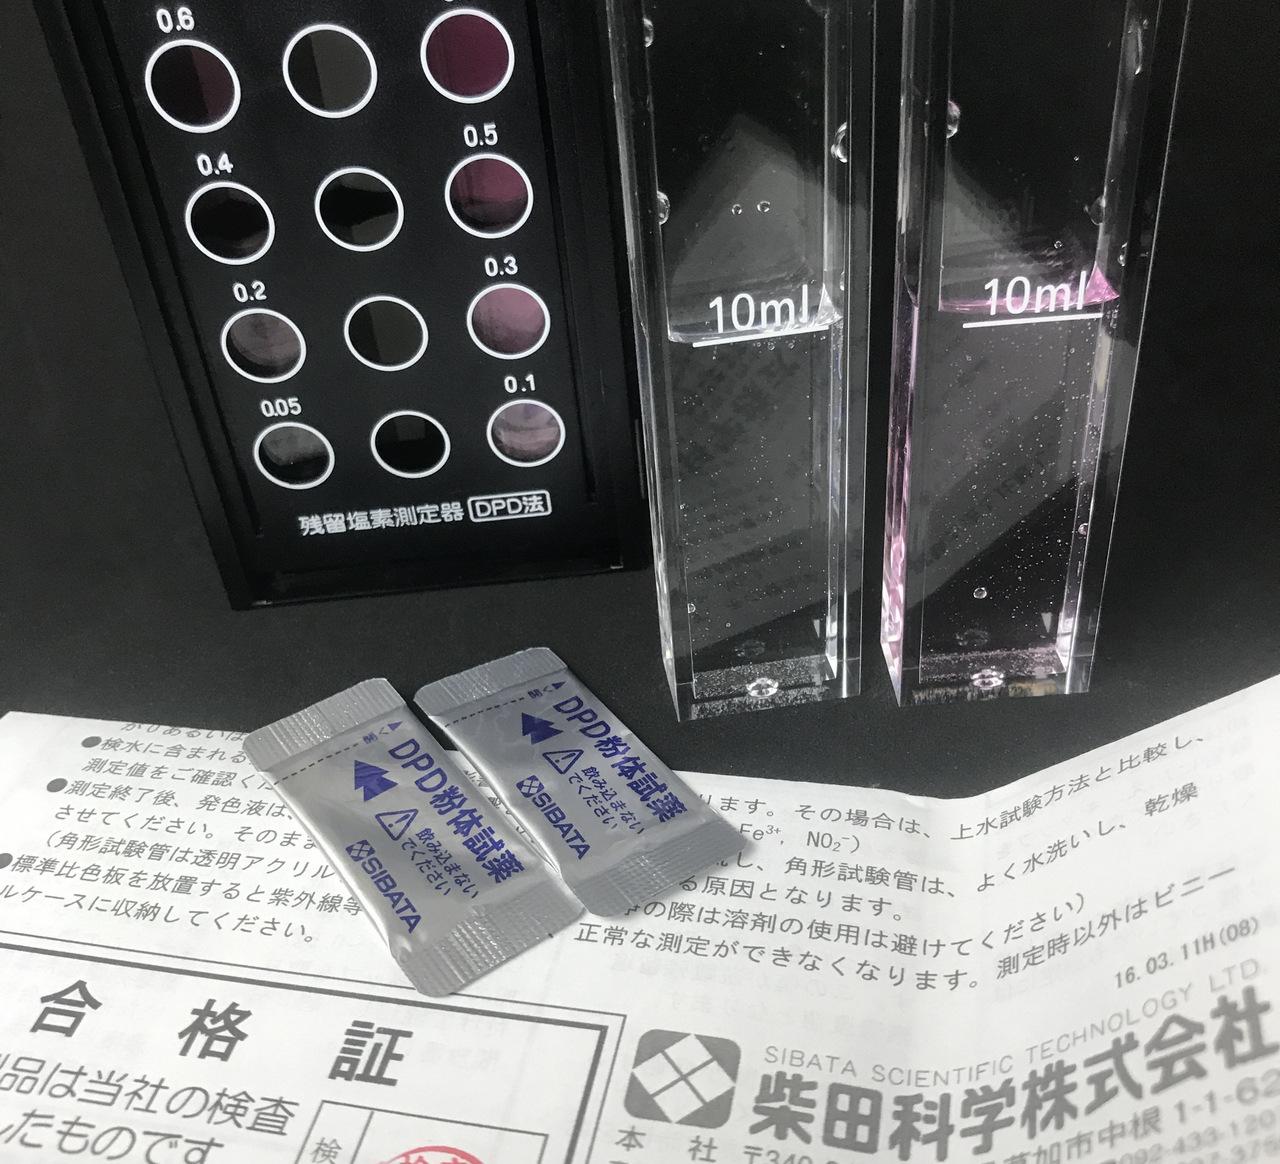 柴田科学の残留塩素測定器(品番:080540-521)